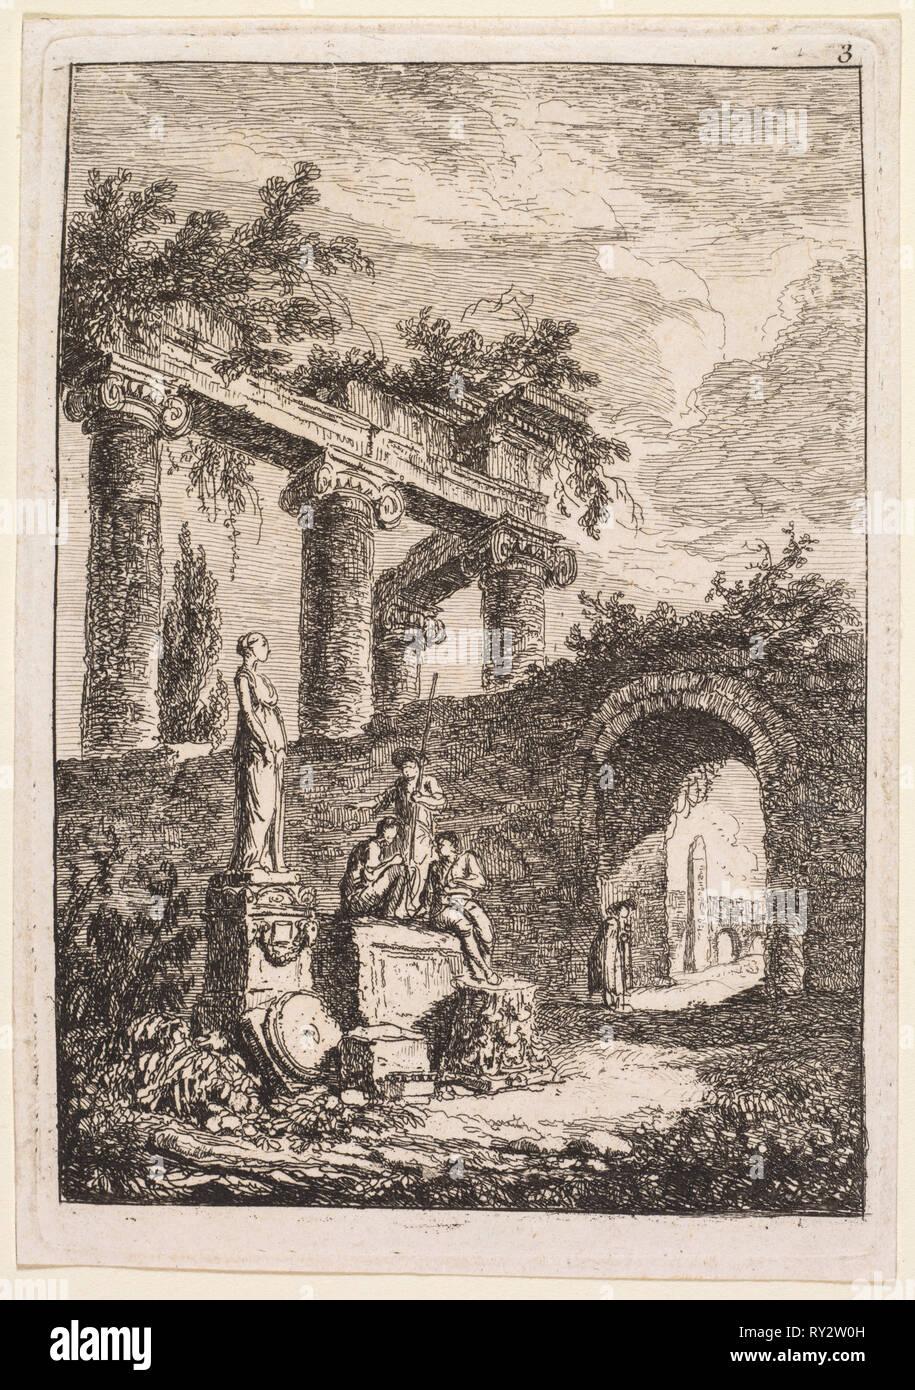 Soirée à Rome: La statue en face de ruines, 1763-1764. Hubert Robert (Français, 1733-1808). Eau-forte: platemark; 13,5 x 9,4 cm (5 5/16 x 3 2/13 in.); border: 12,7 x 9 cm (5 x 3 9/16 in Photo Stock